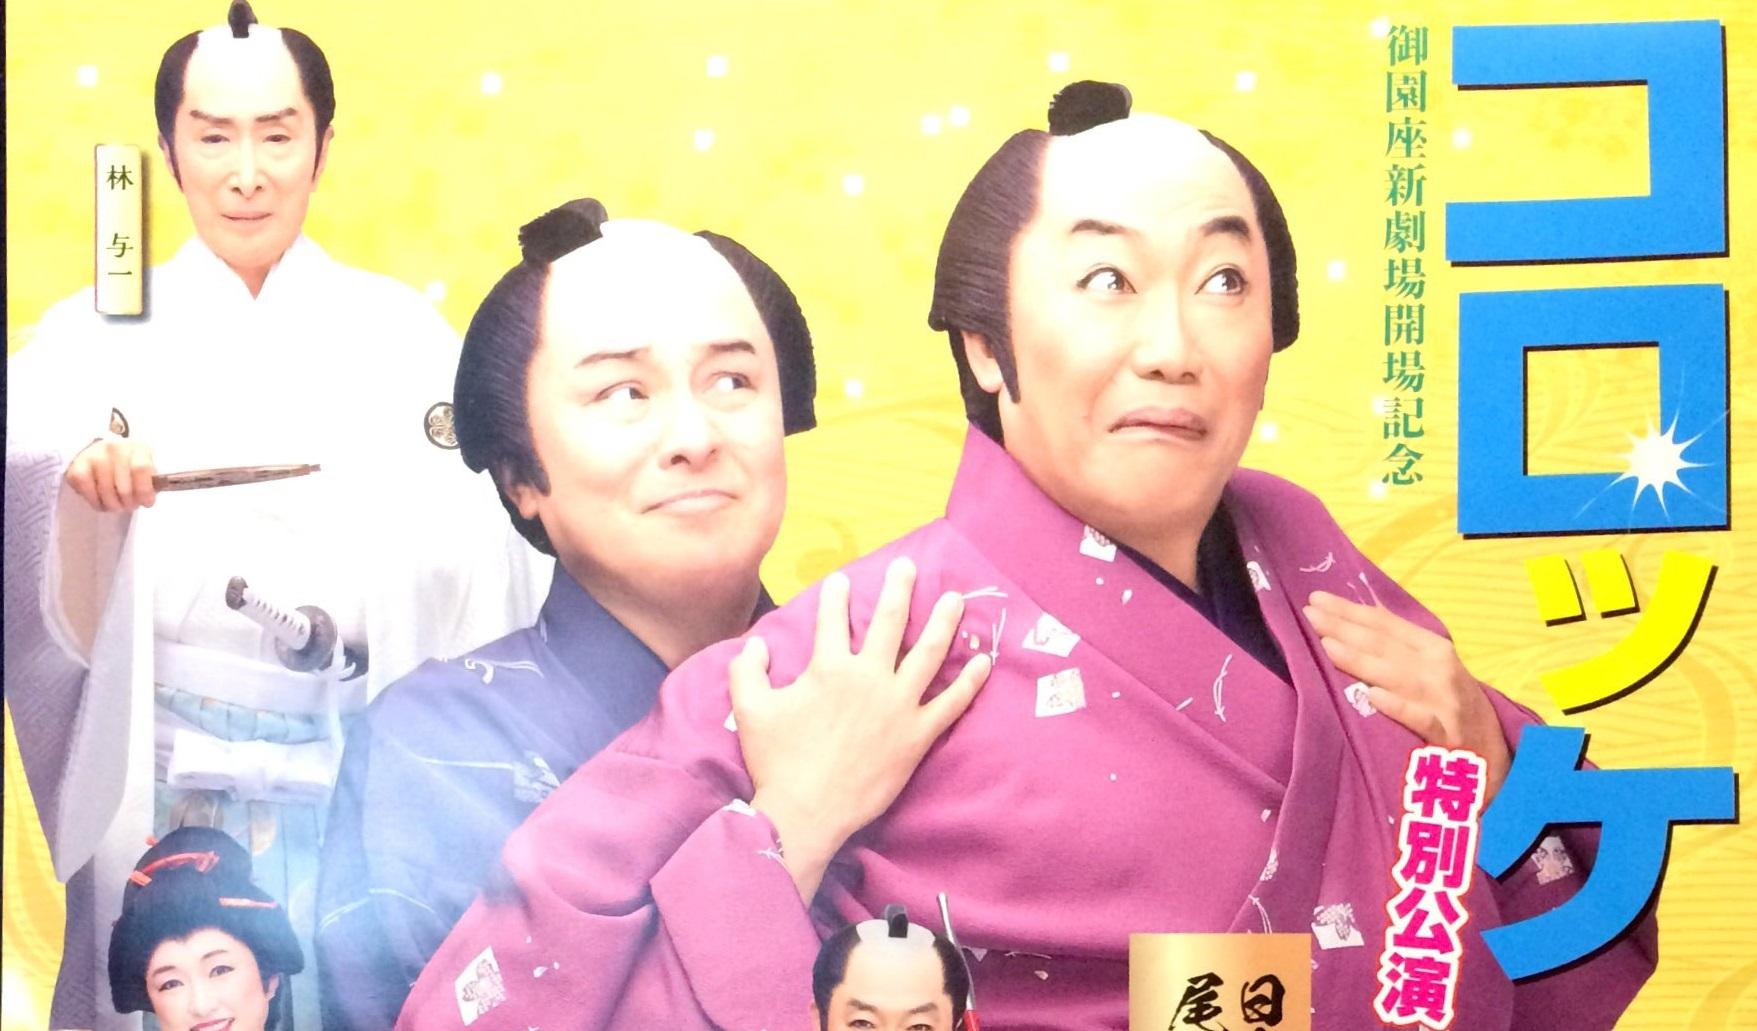 【チケット予約絶賛受付中!】祝!べんてんや御園座出演決定 コロッケ特別公演(2018年11月)